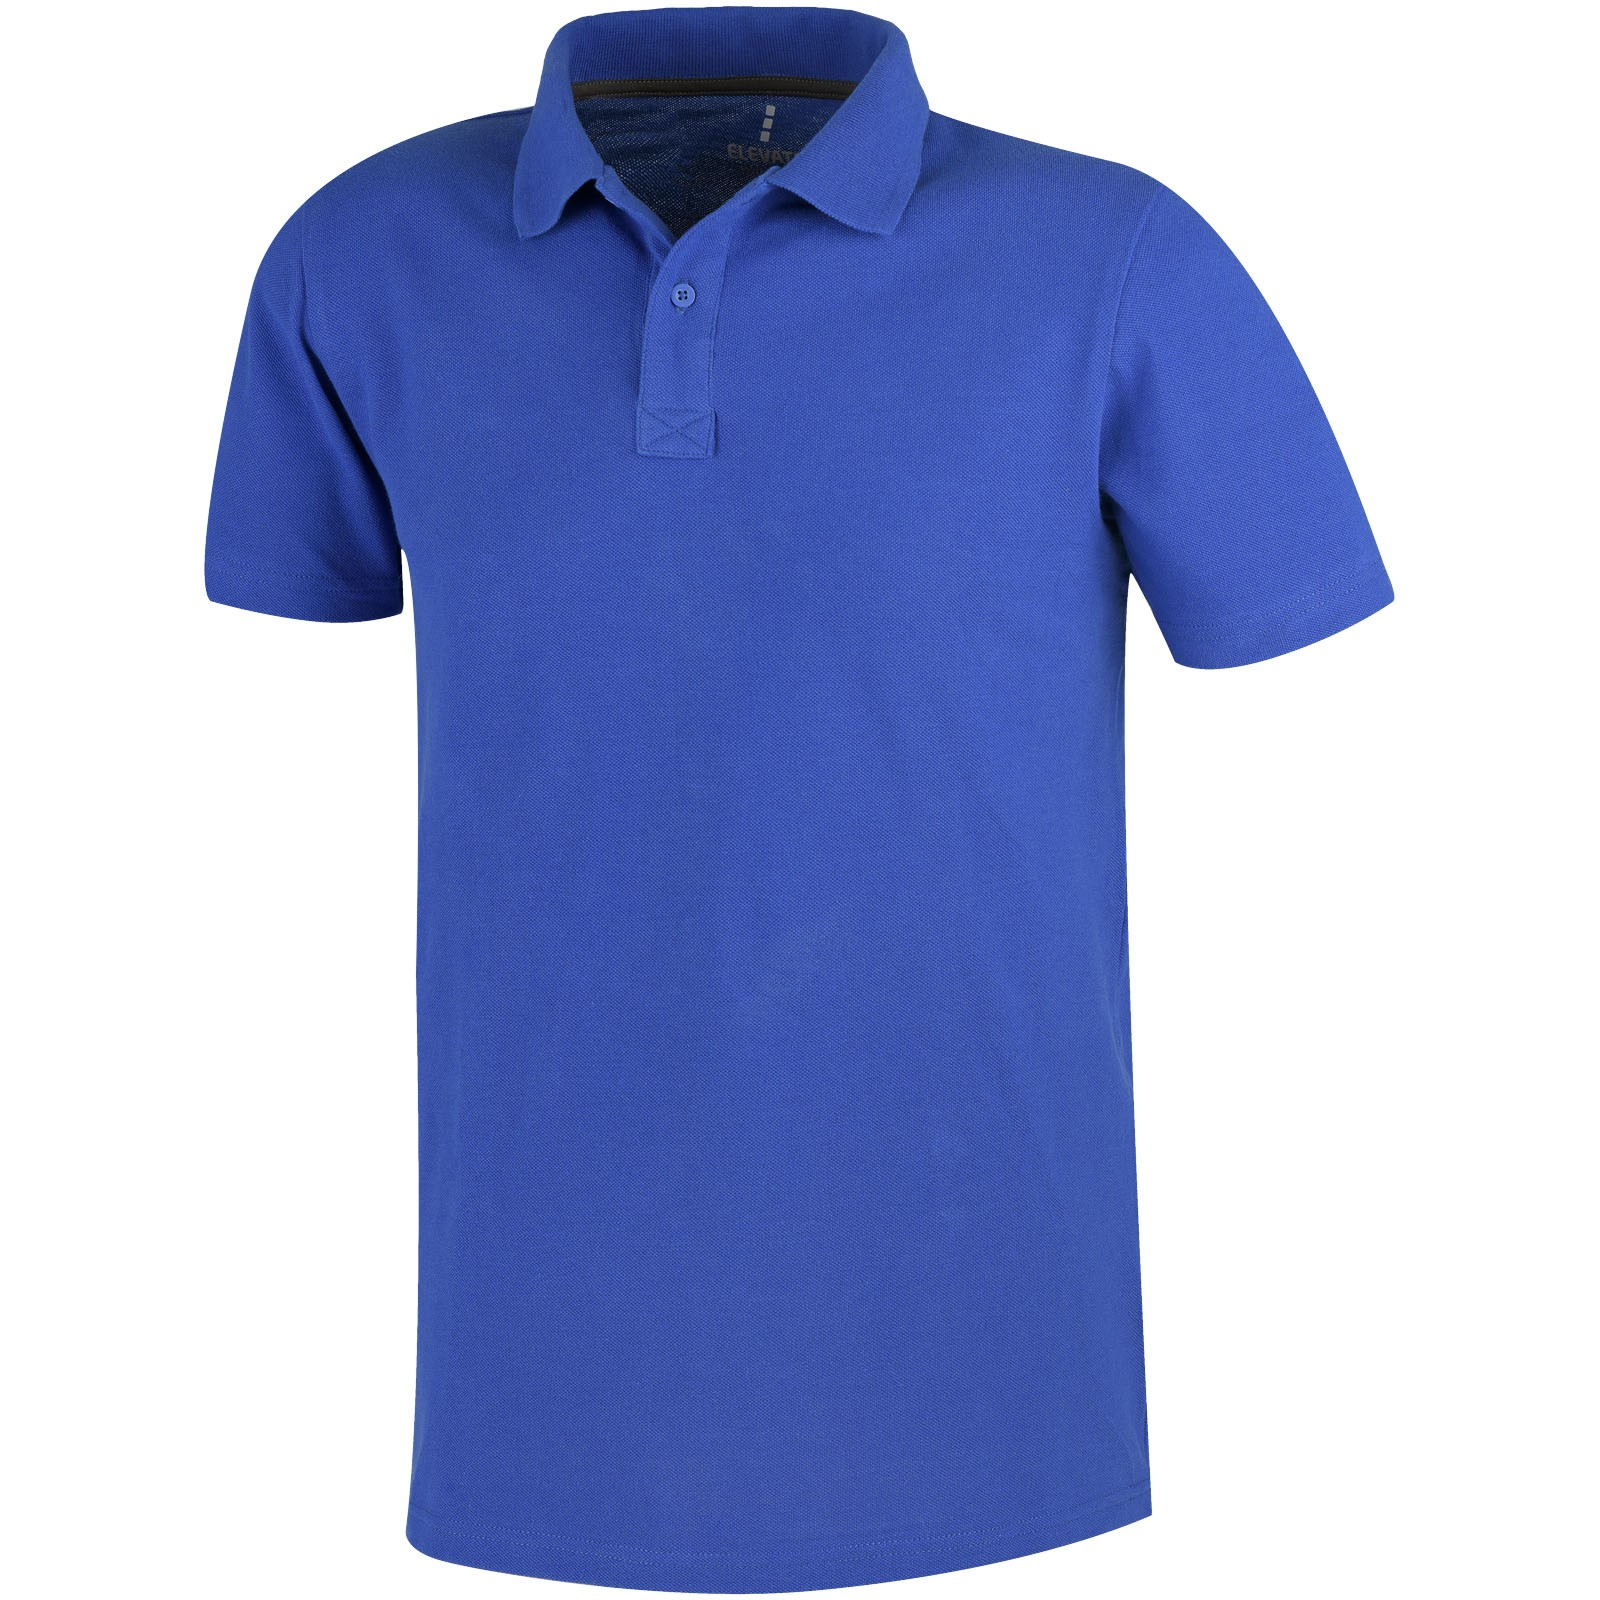 Pánská polokošile Primus - Modrá / XL